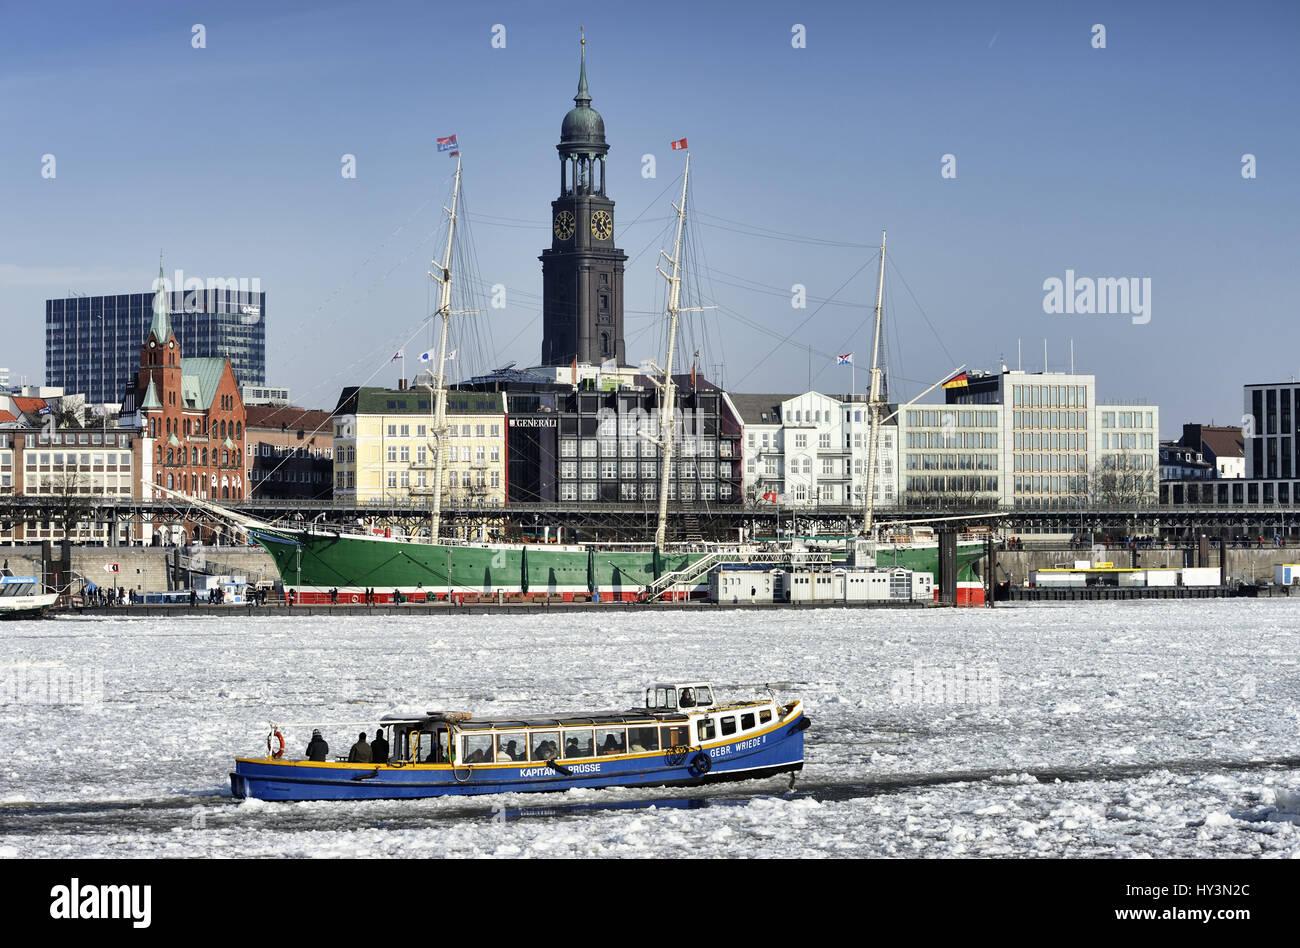 Harbour longboat in the wintry Hamburg harbour, Germany, Europe, Hafenbarkasse im winterlichen Hamburger Hafen, Deutschland, Europa Stock Photo